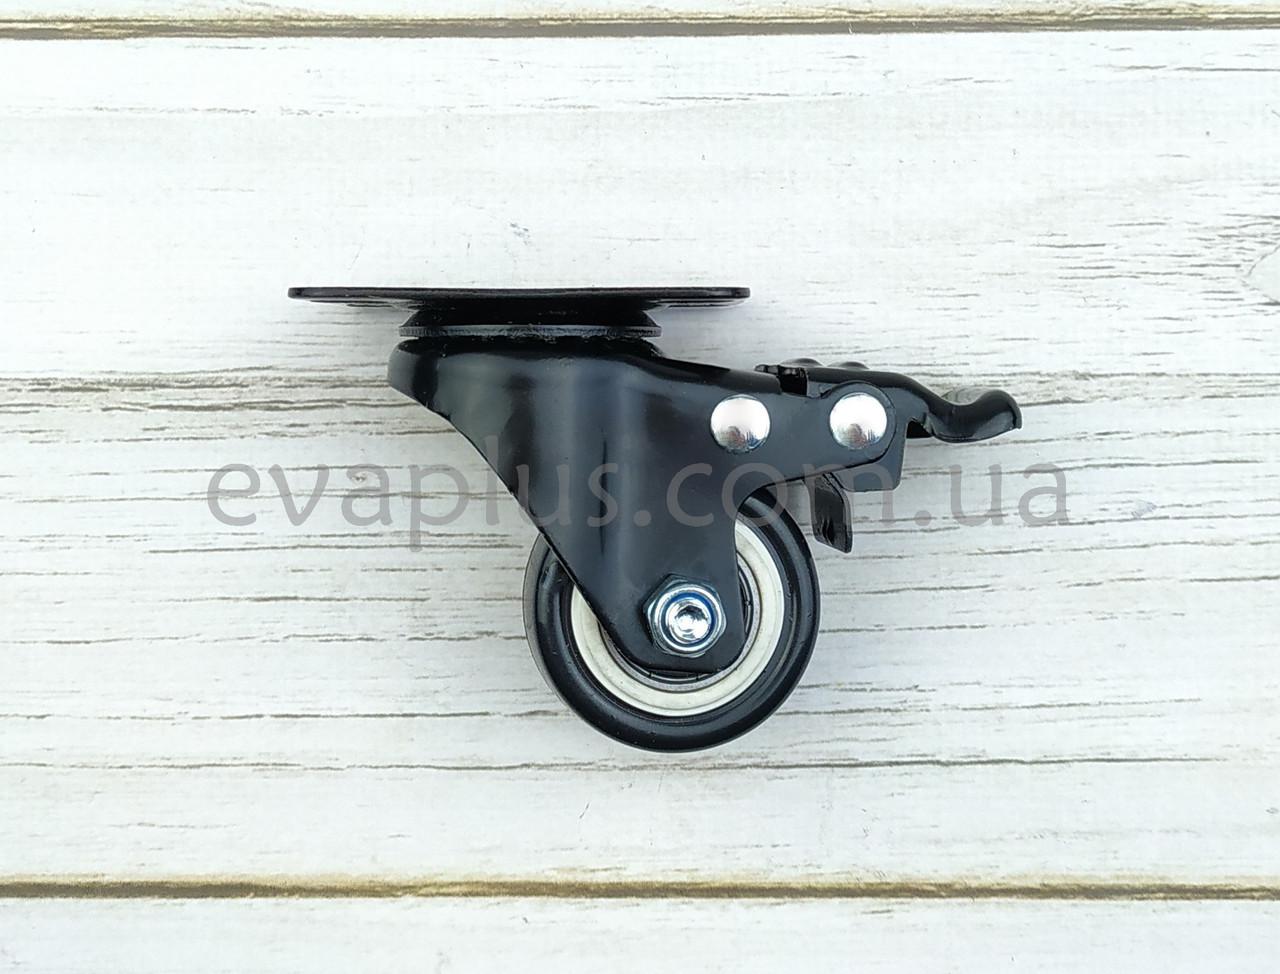 Поворотное колесо 40 мм в металлическом корпусе с тормозом на площадке